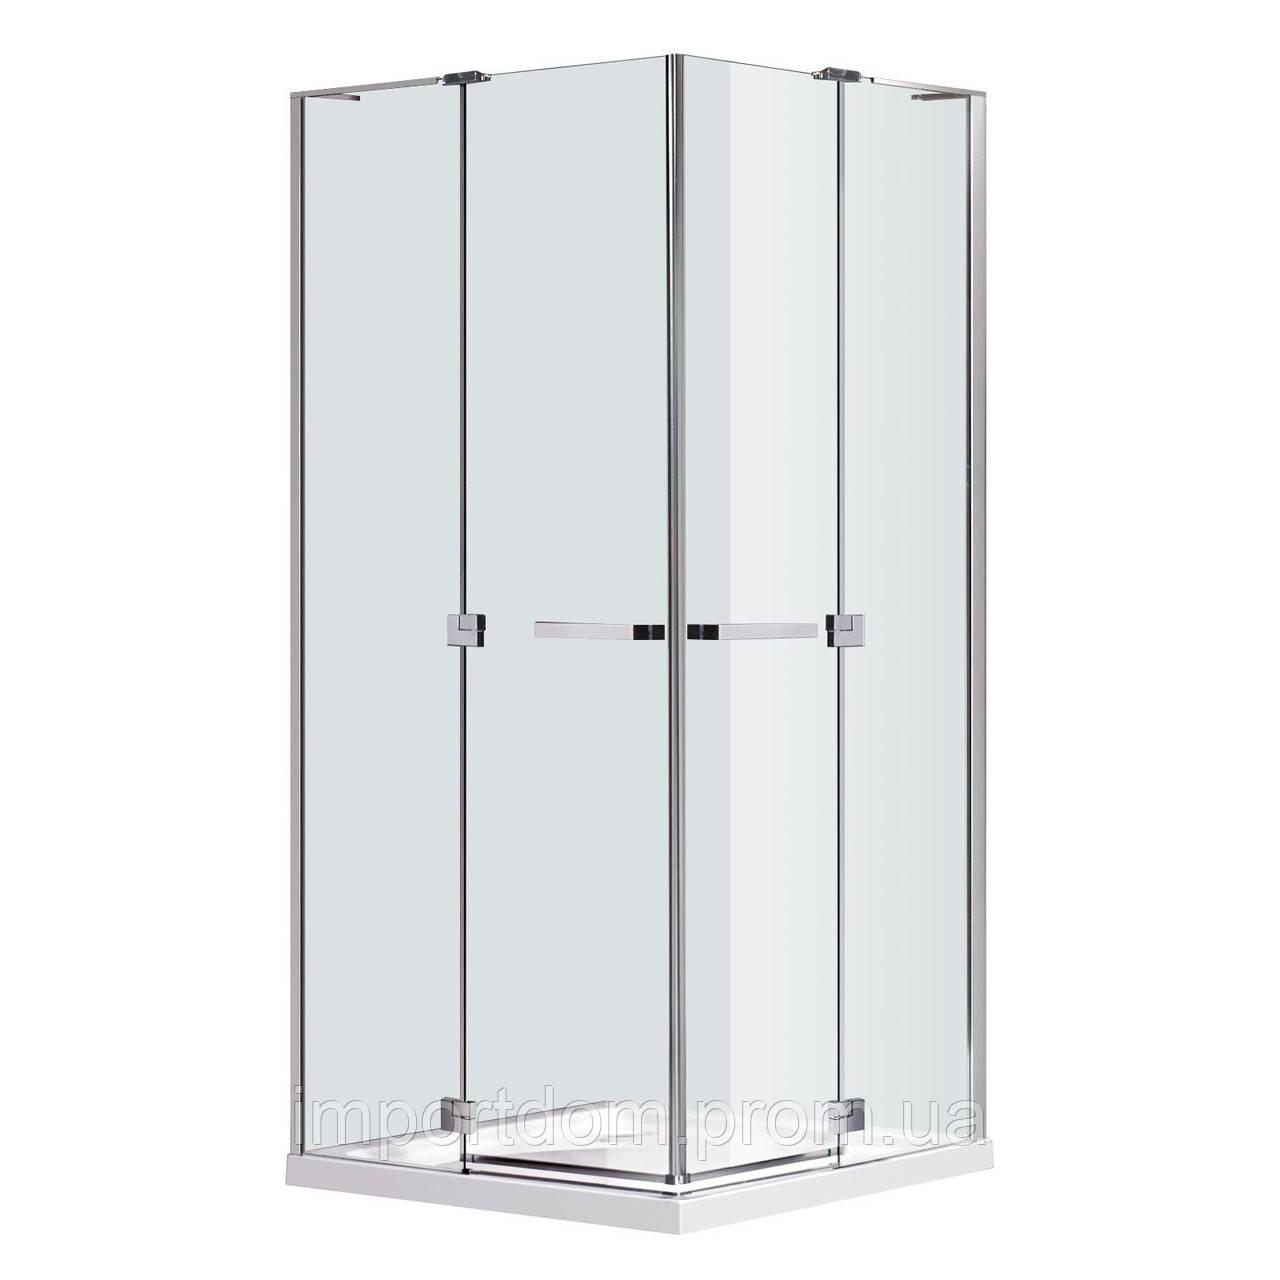 RUBIK Душова кабіна квадратна 100*100*190 см (скла+двері), розсувні двері, скло 8 мм (без піддону)